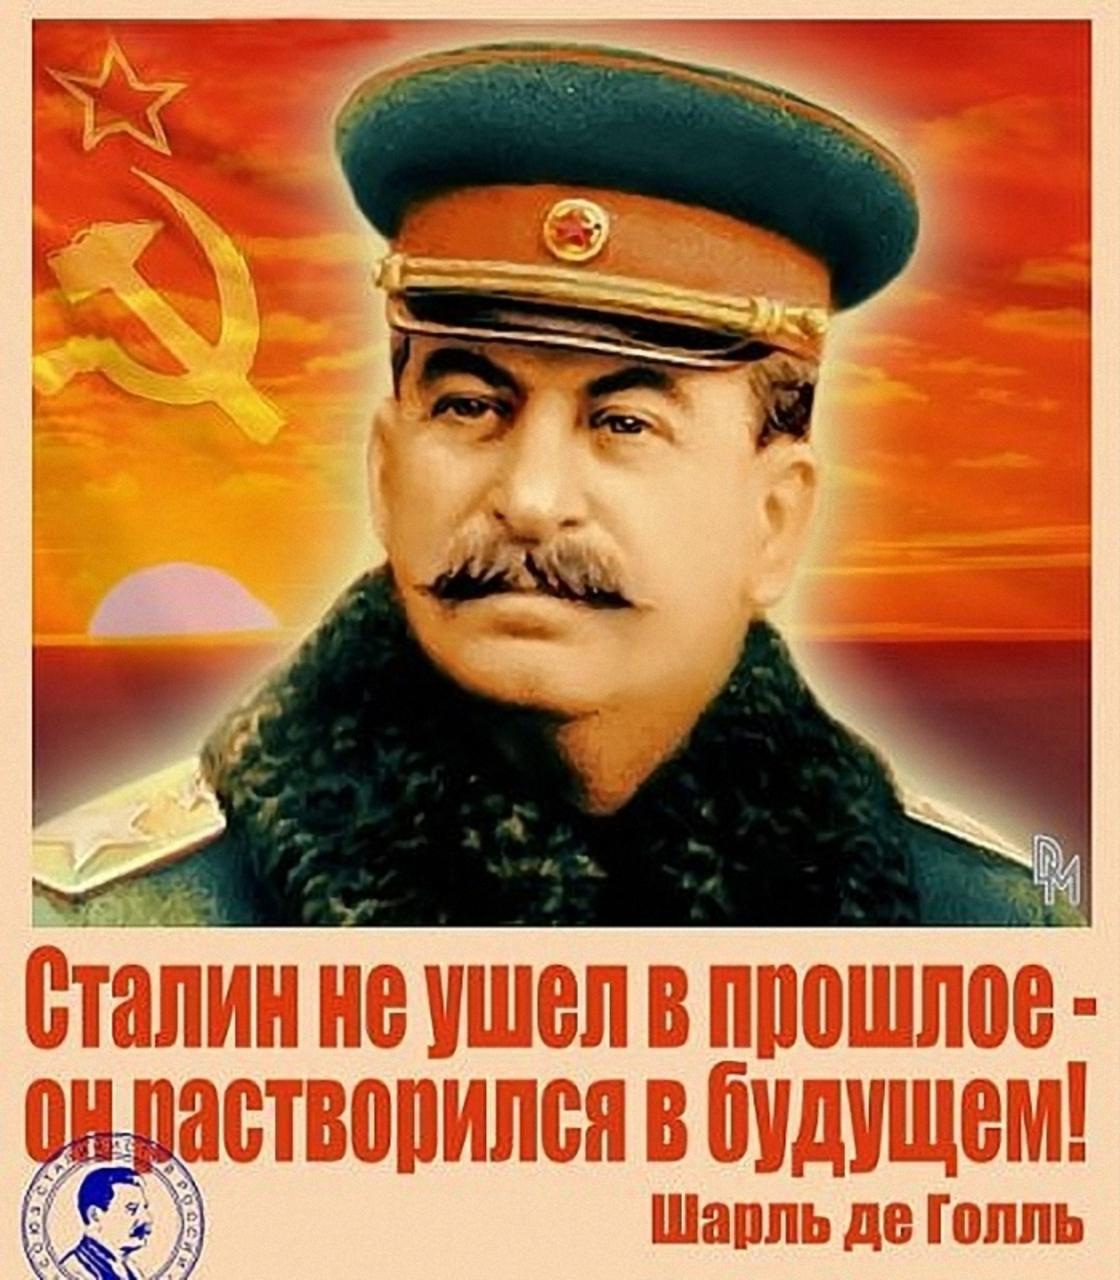 Сталин с днем рождения открытка фото, цветочный